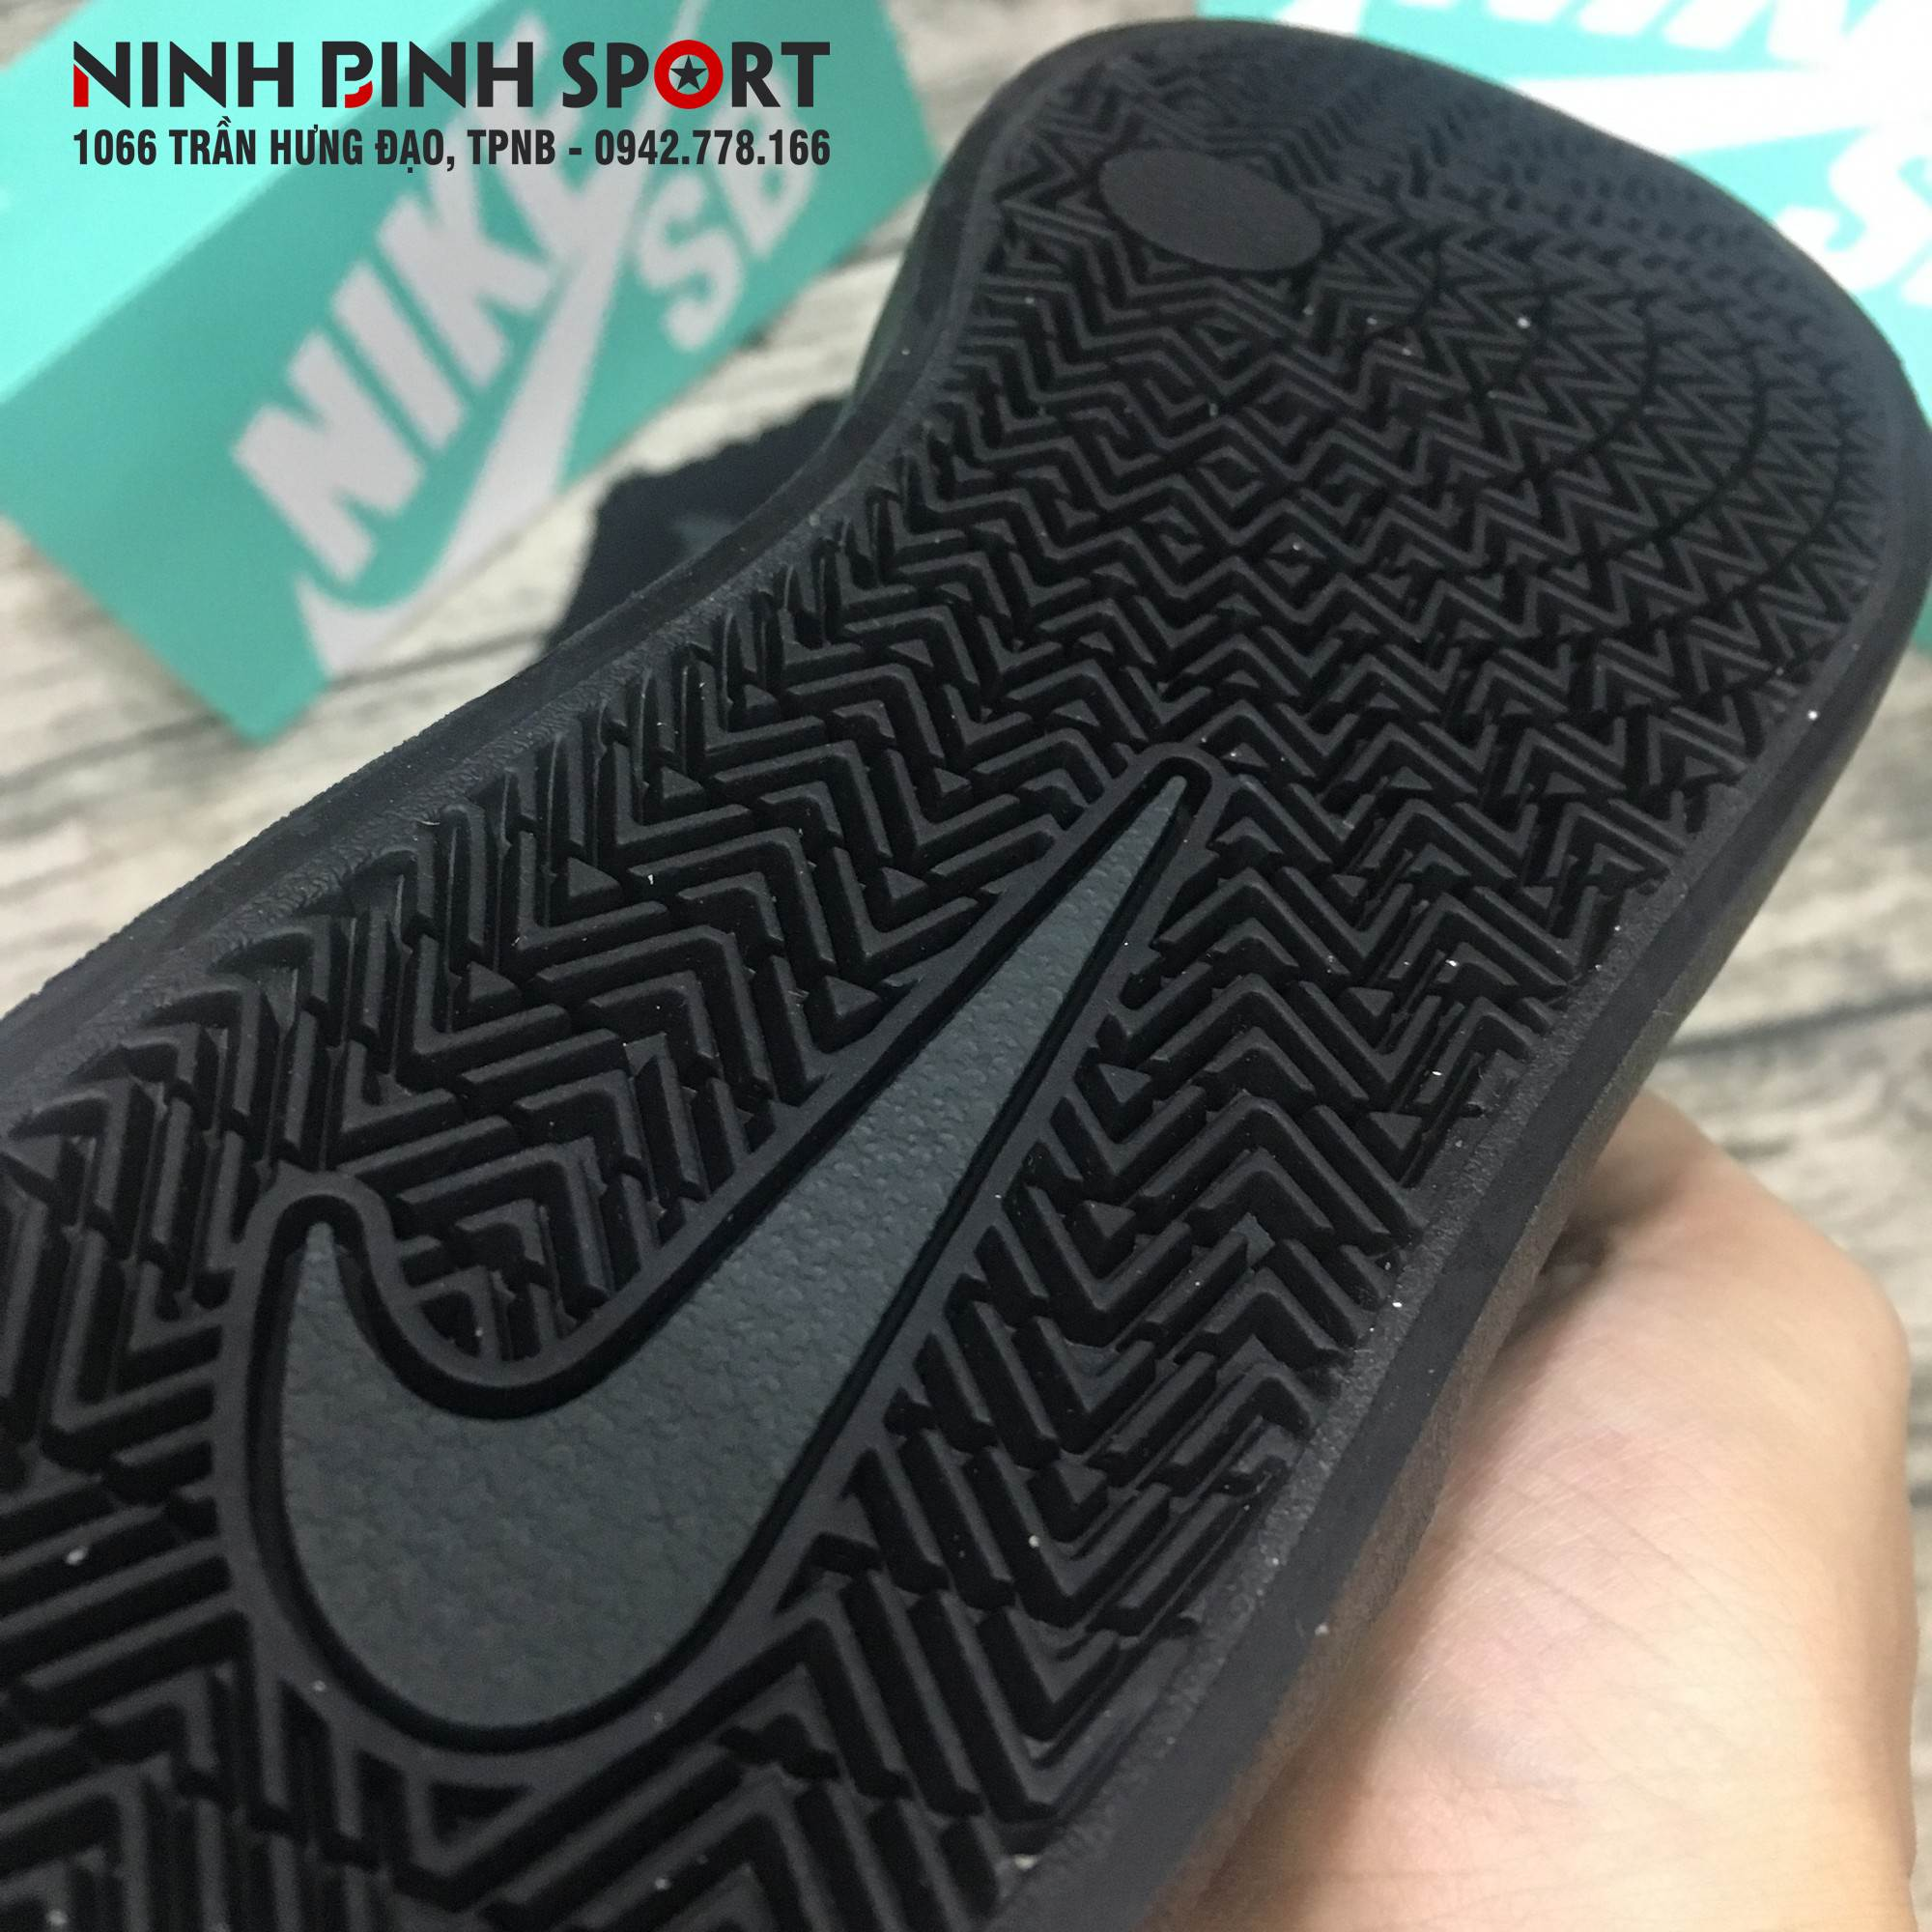 Giày thể thao nam Nike SB Check 843896-002